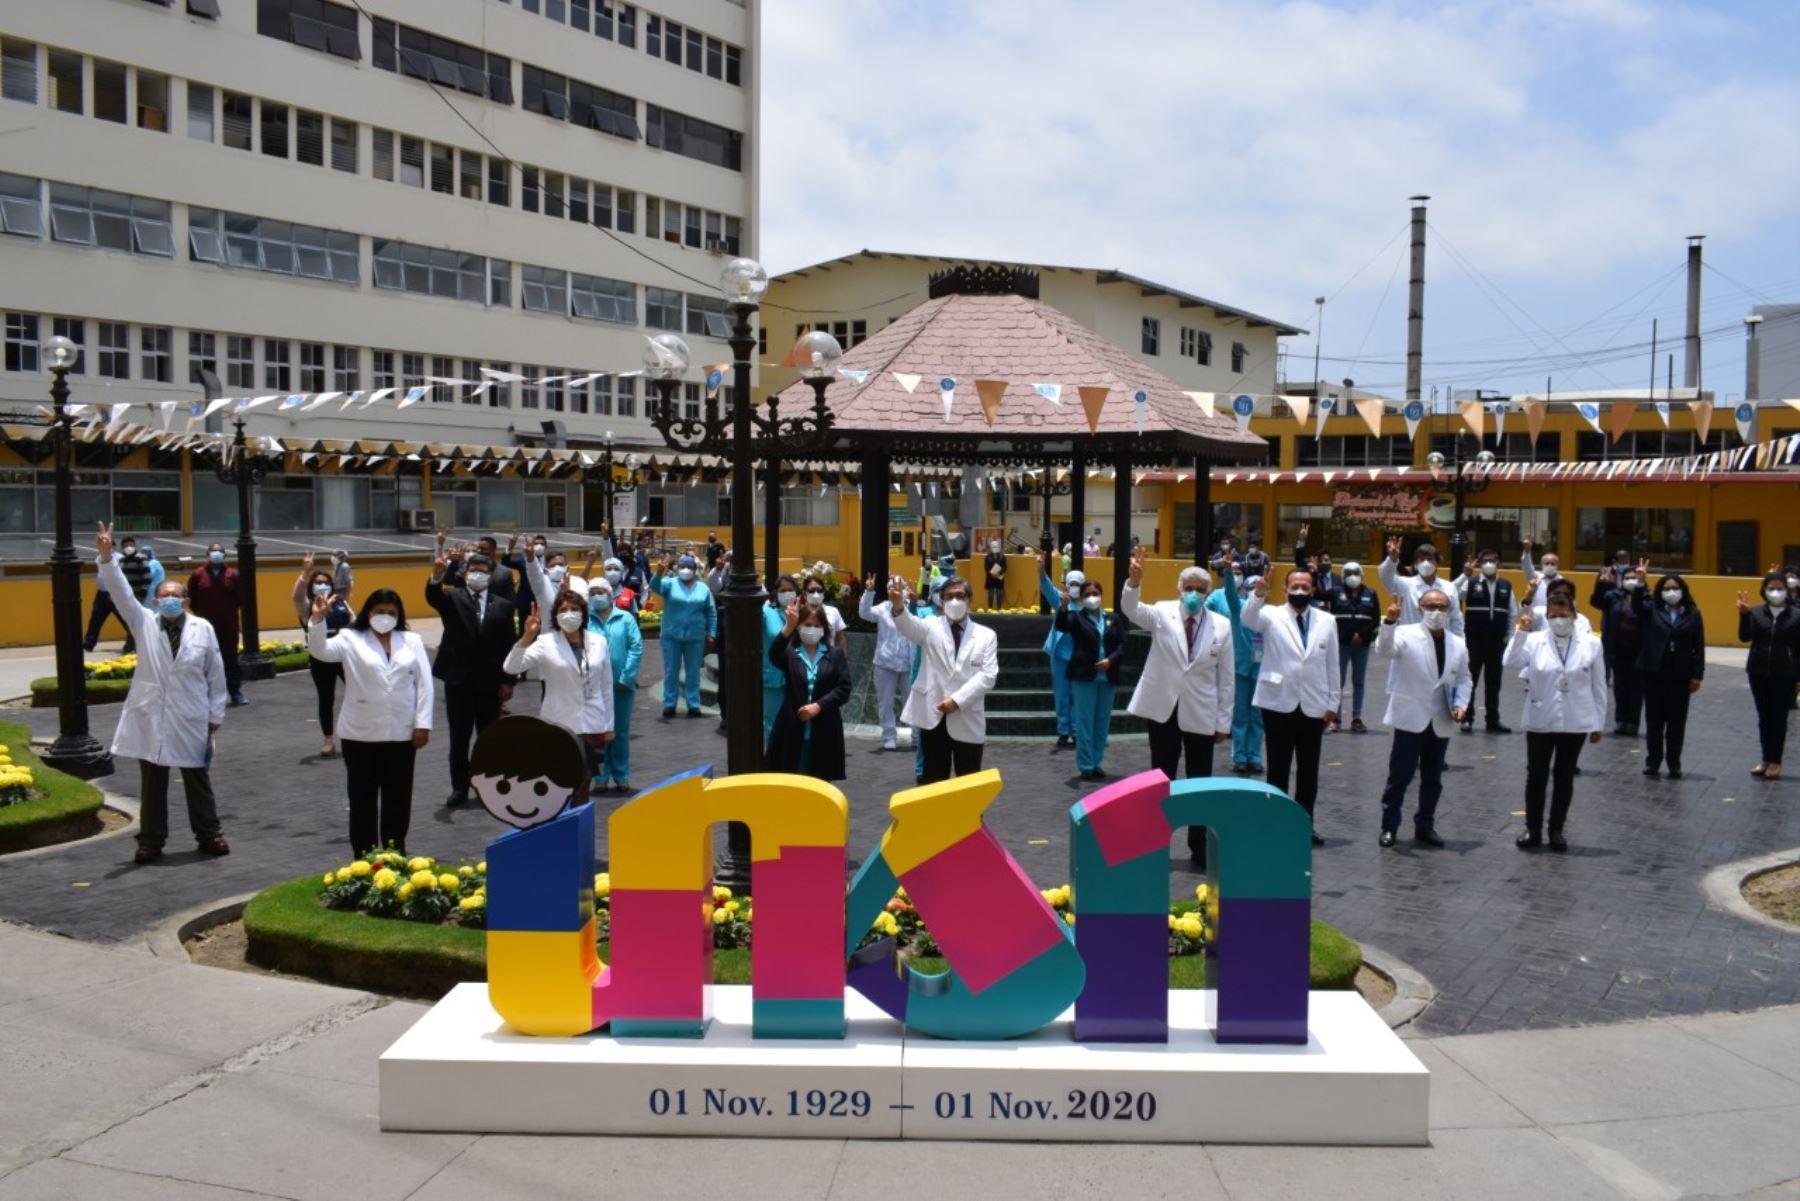 Los 3,200 servidores públicos que trabajan en el INSN-Breña conmemoraron el 29 de mayo el Día del Servidor Público para recordar a los que fallecieron por el covid-19 y resaltar el desempeño de los que laboran desde la declaratoria de emergencia sanitaria